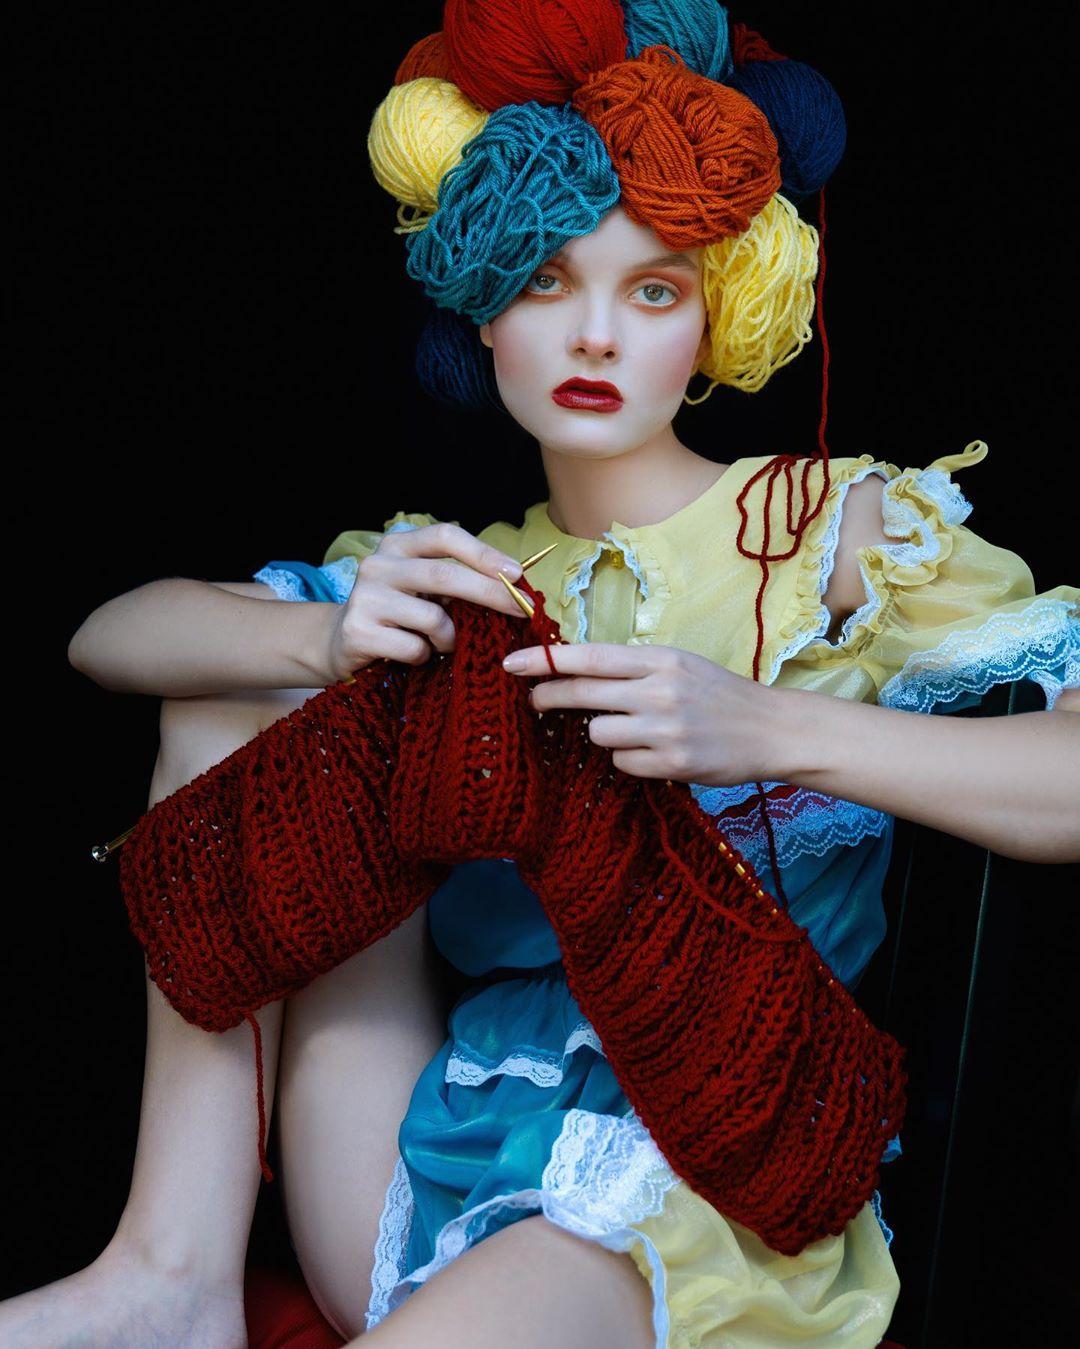 Мода и гламур на портретных снимках Екатерины Белинской